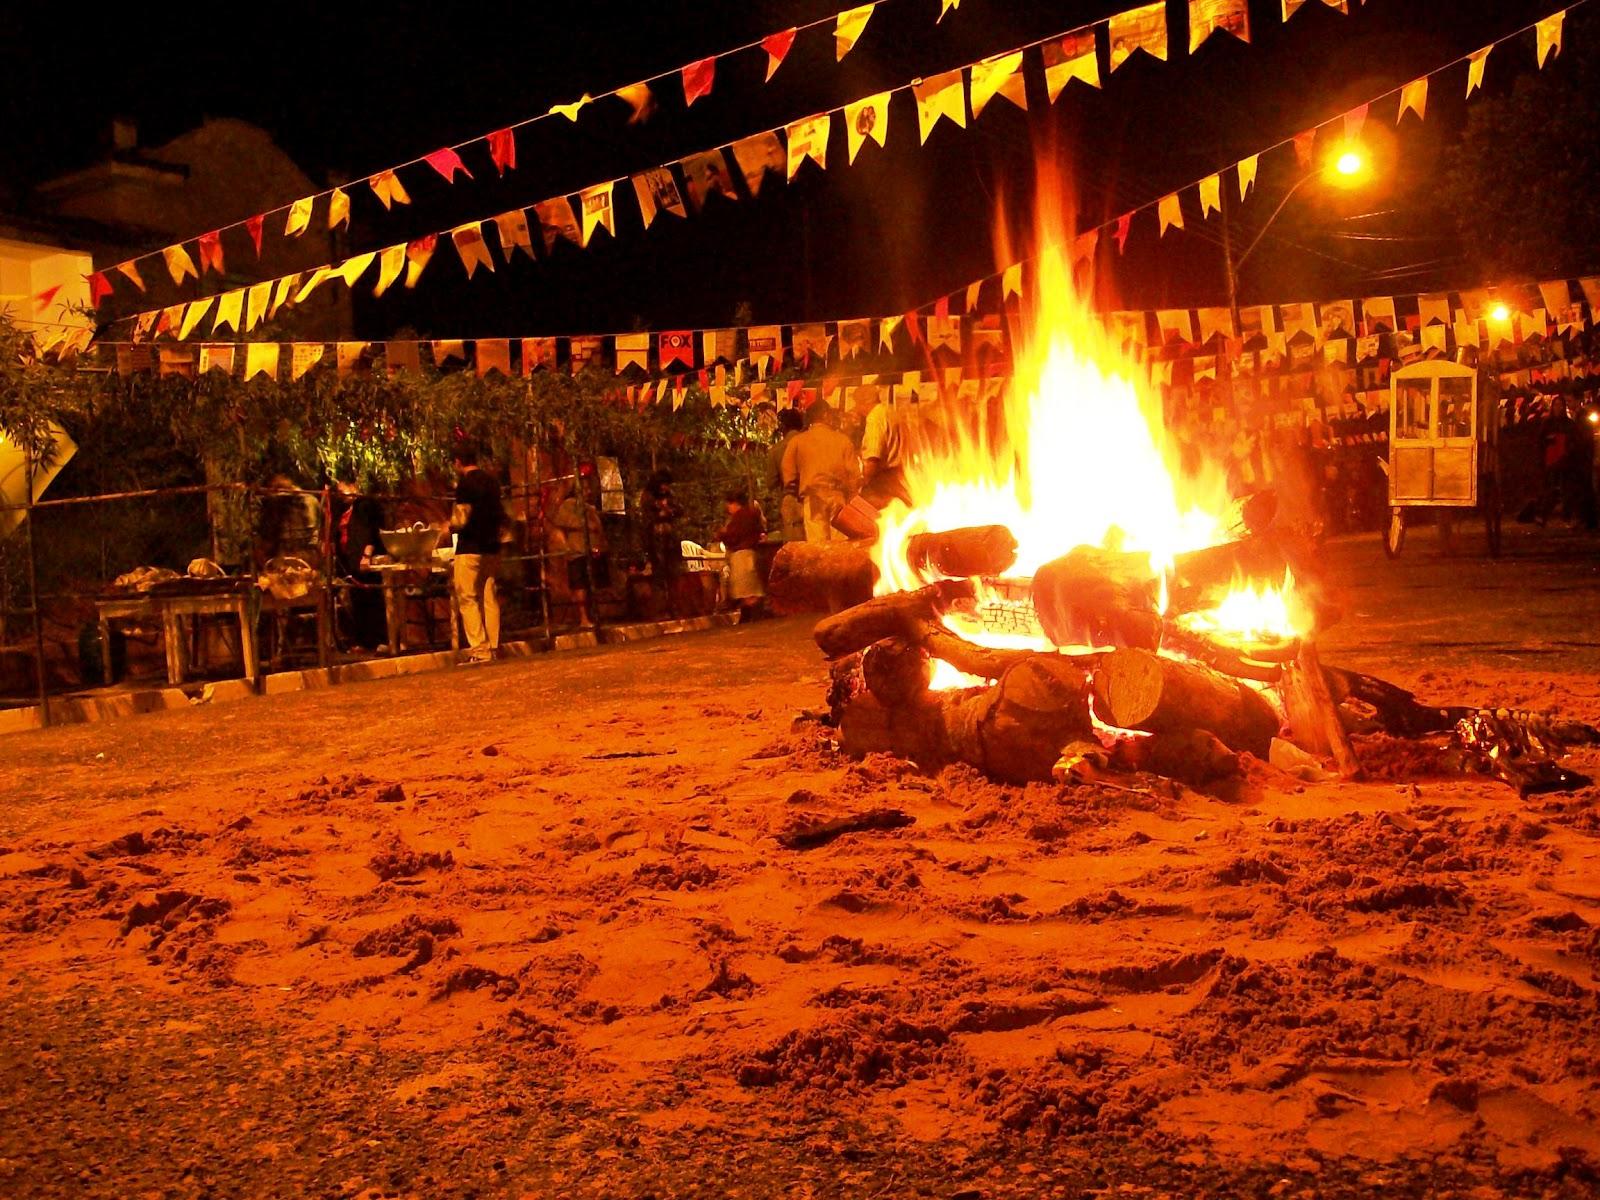 http://www.folhavitoria.com.br/geral/blogs/caminhos-de-fe/wp-content/uploads/2015/06/fogueira-na-festa-junina.jpg